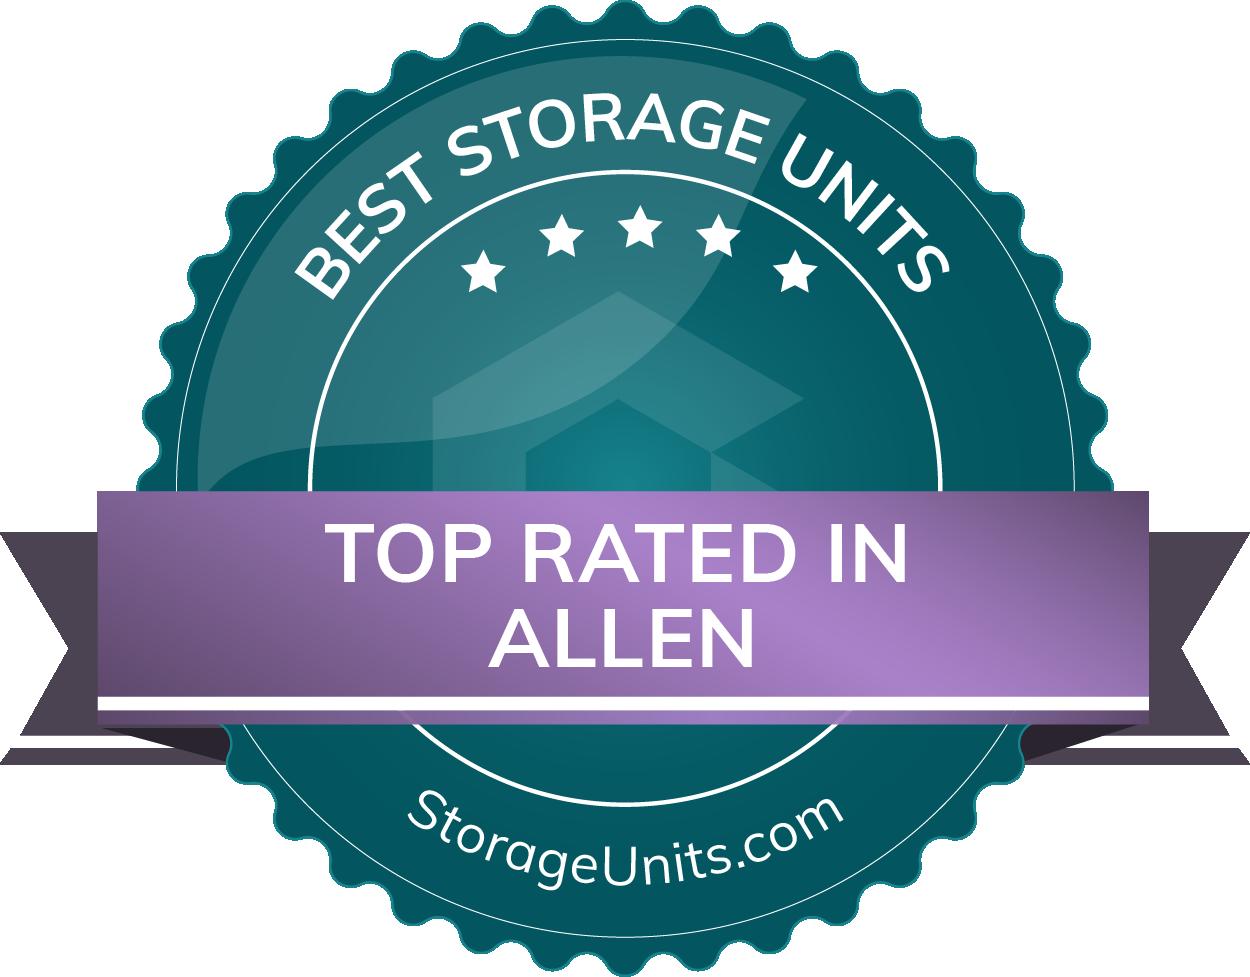 Best Self Storage Units in Allen, TX